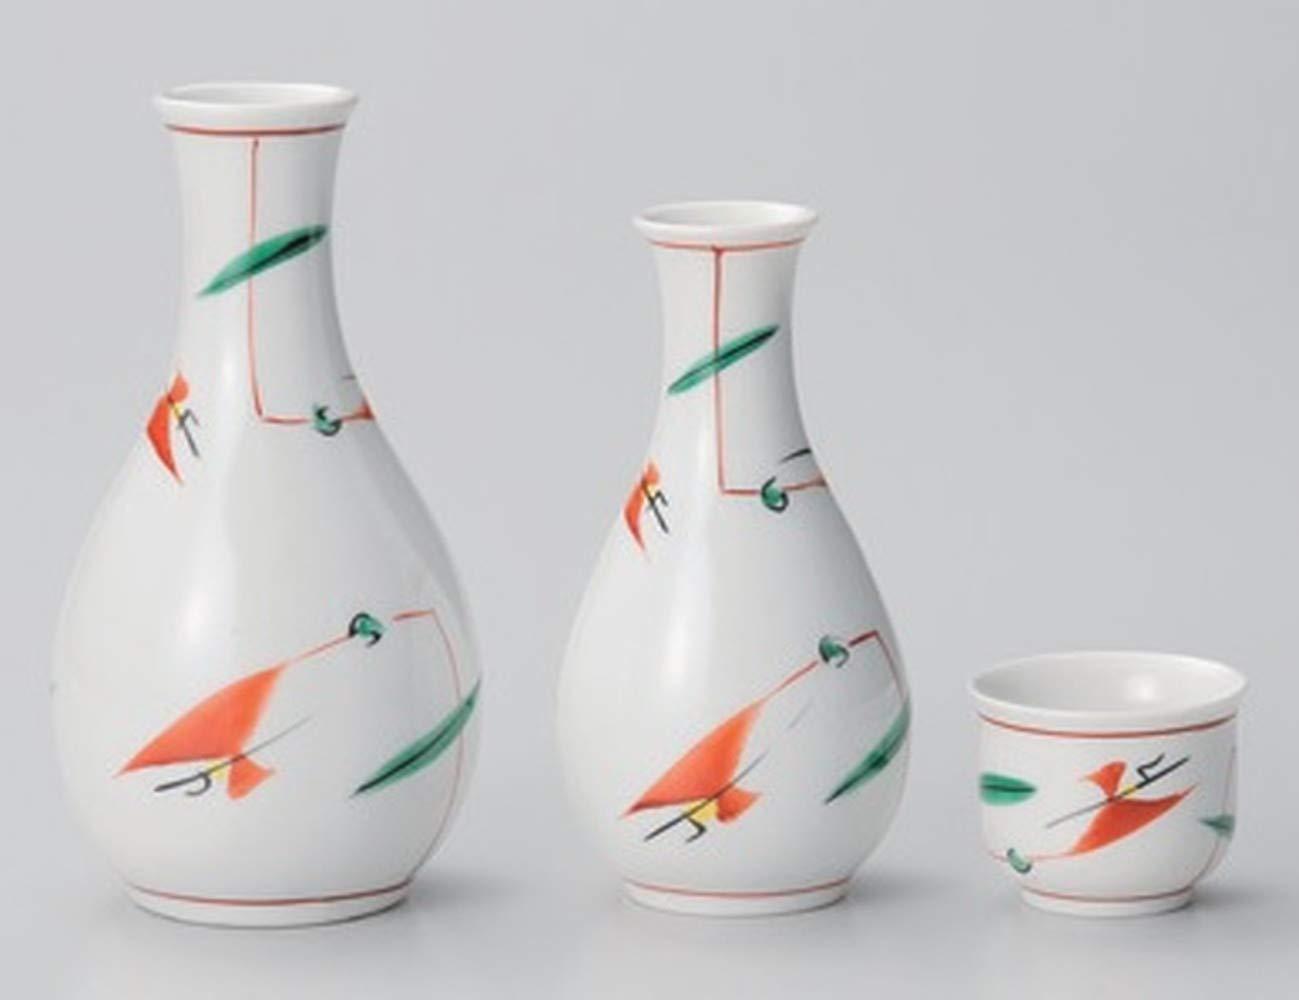 Ceramic Porcelain Sake Set Handcraft Traditional Pottery Made in Japan 2PC Sake Bottles and 1PC Sake Cup